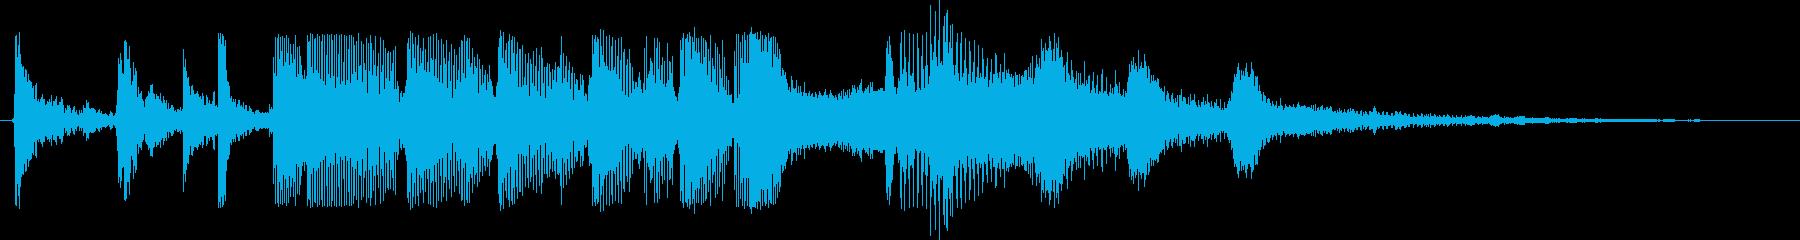 クイズの終わり 犬の鳴き声いりの再生済みの波形